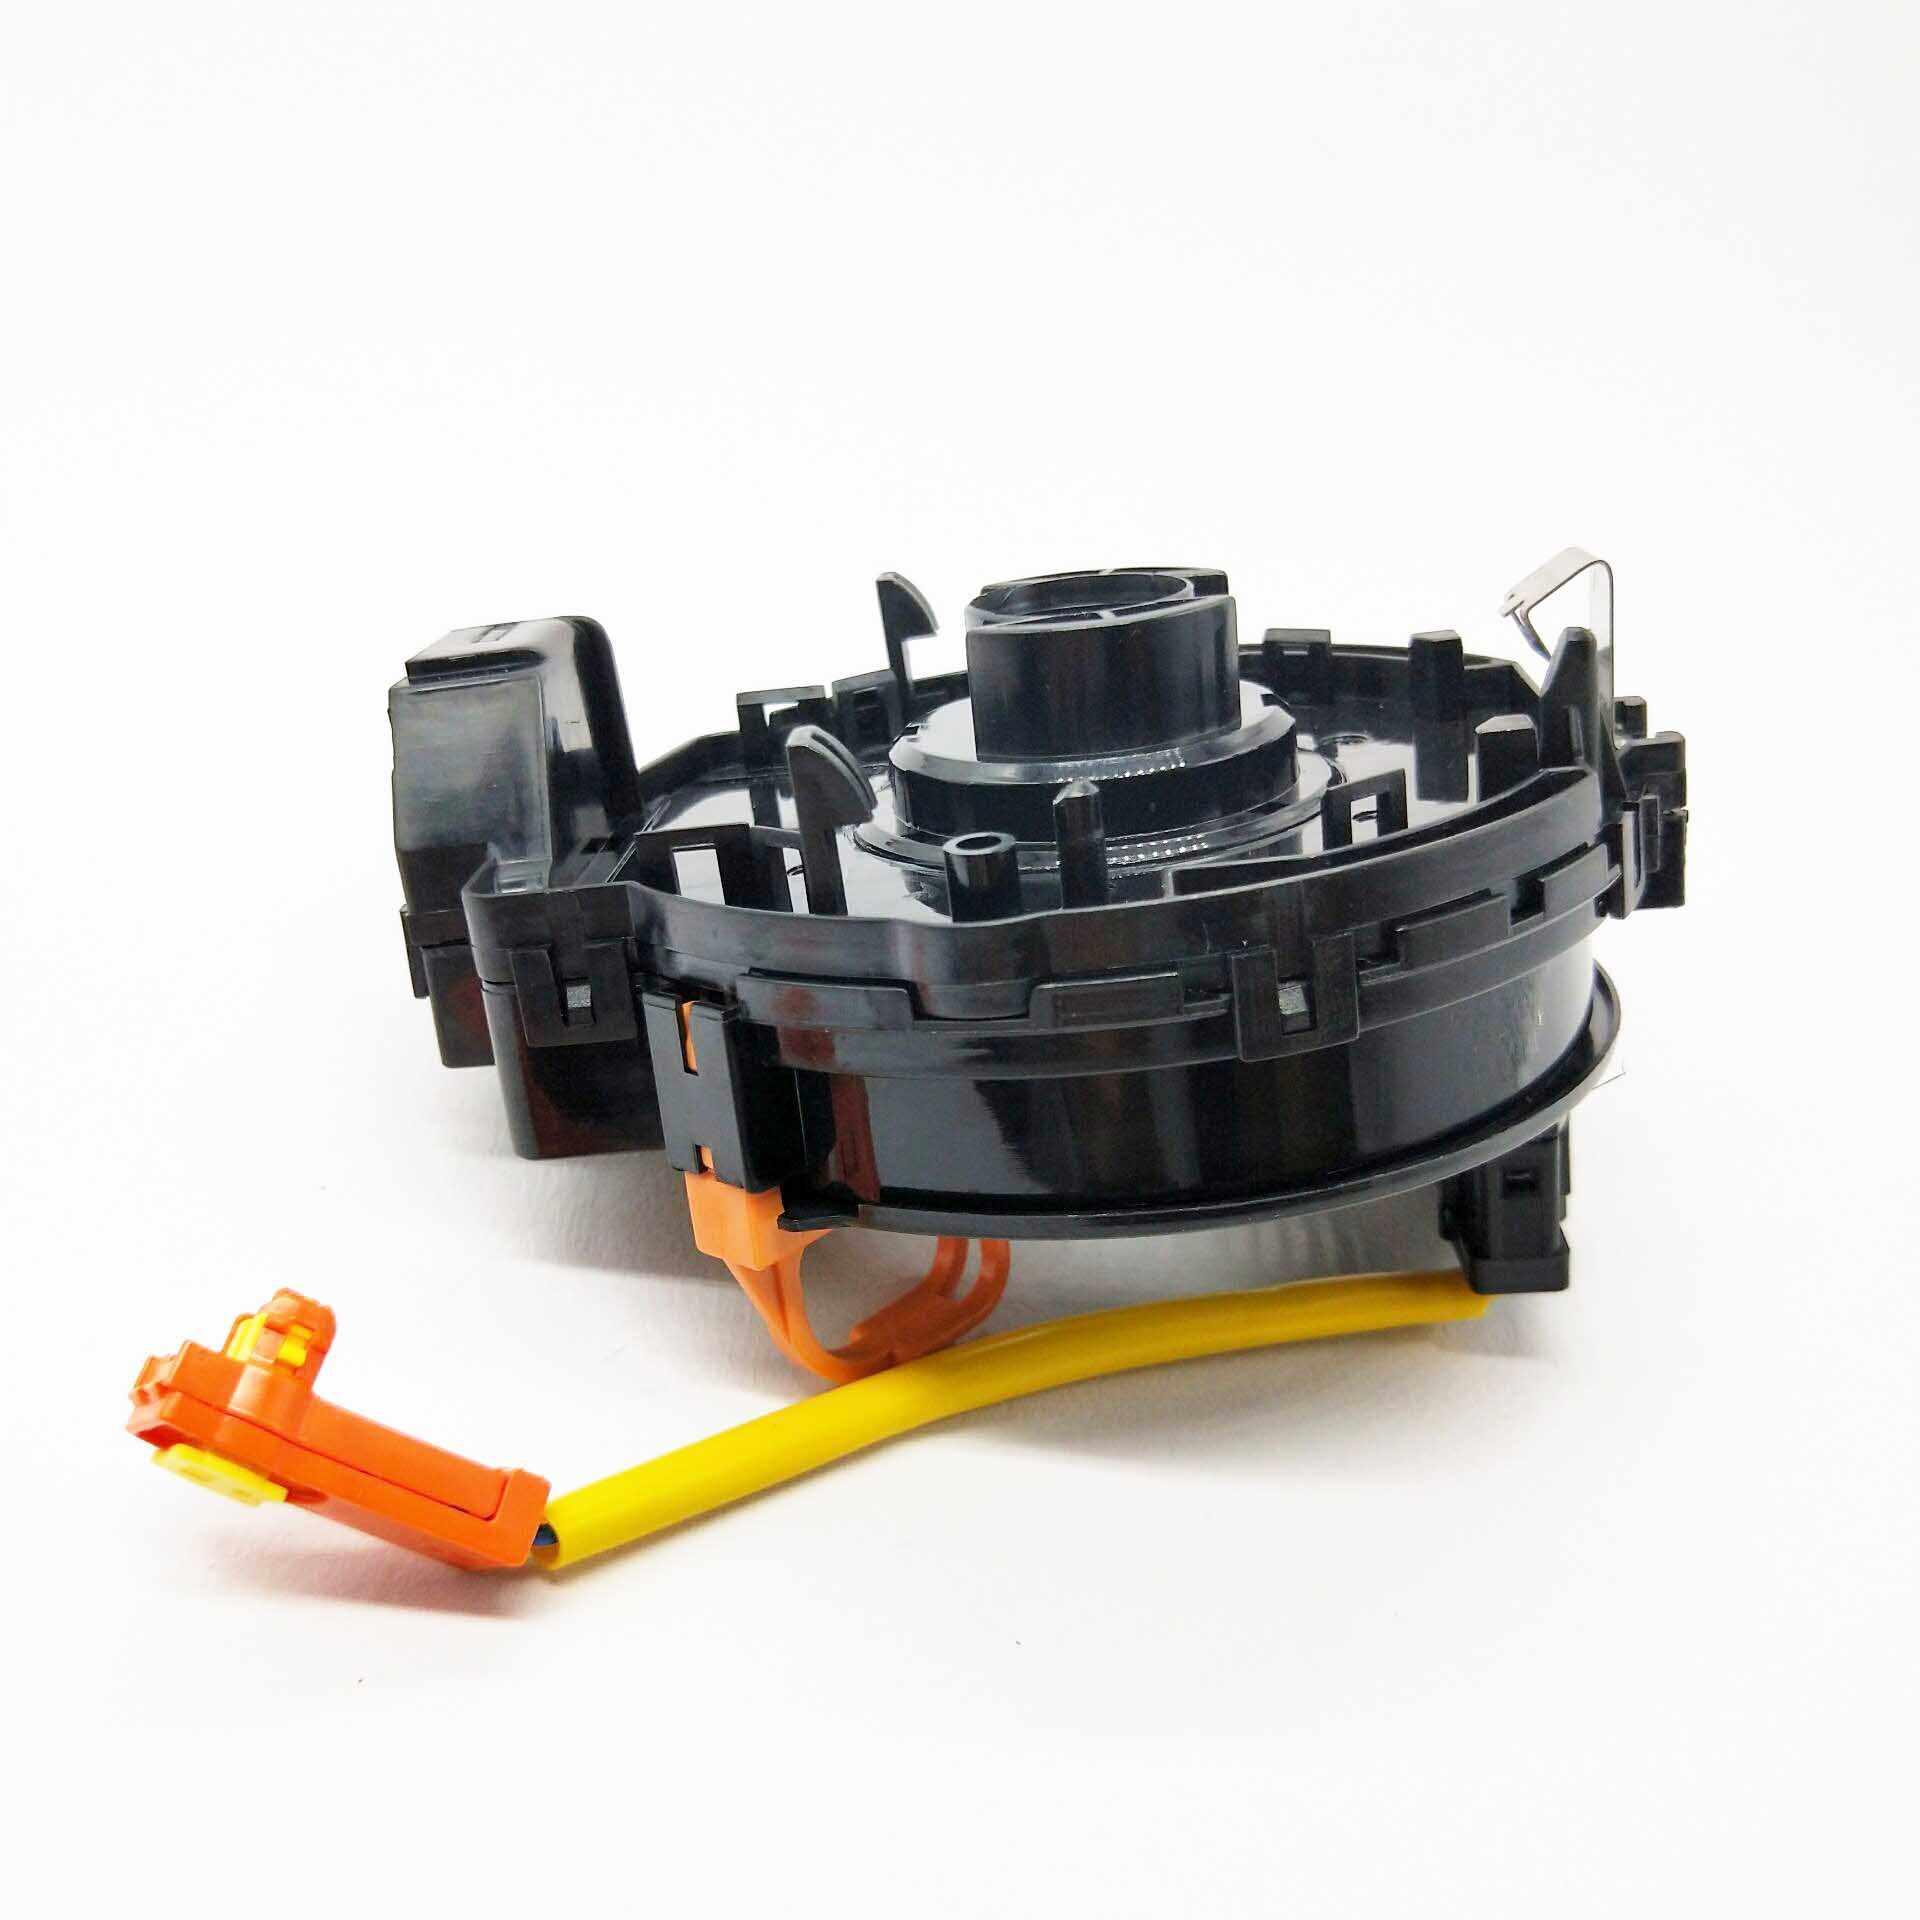 84306-52050 8430652050 spring coil For Toyota RAV4 MR2 Corolla